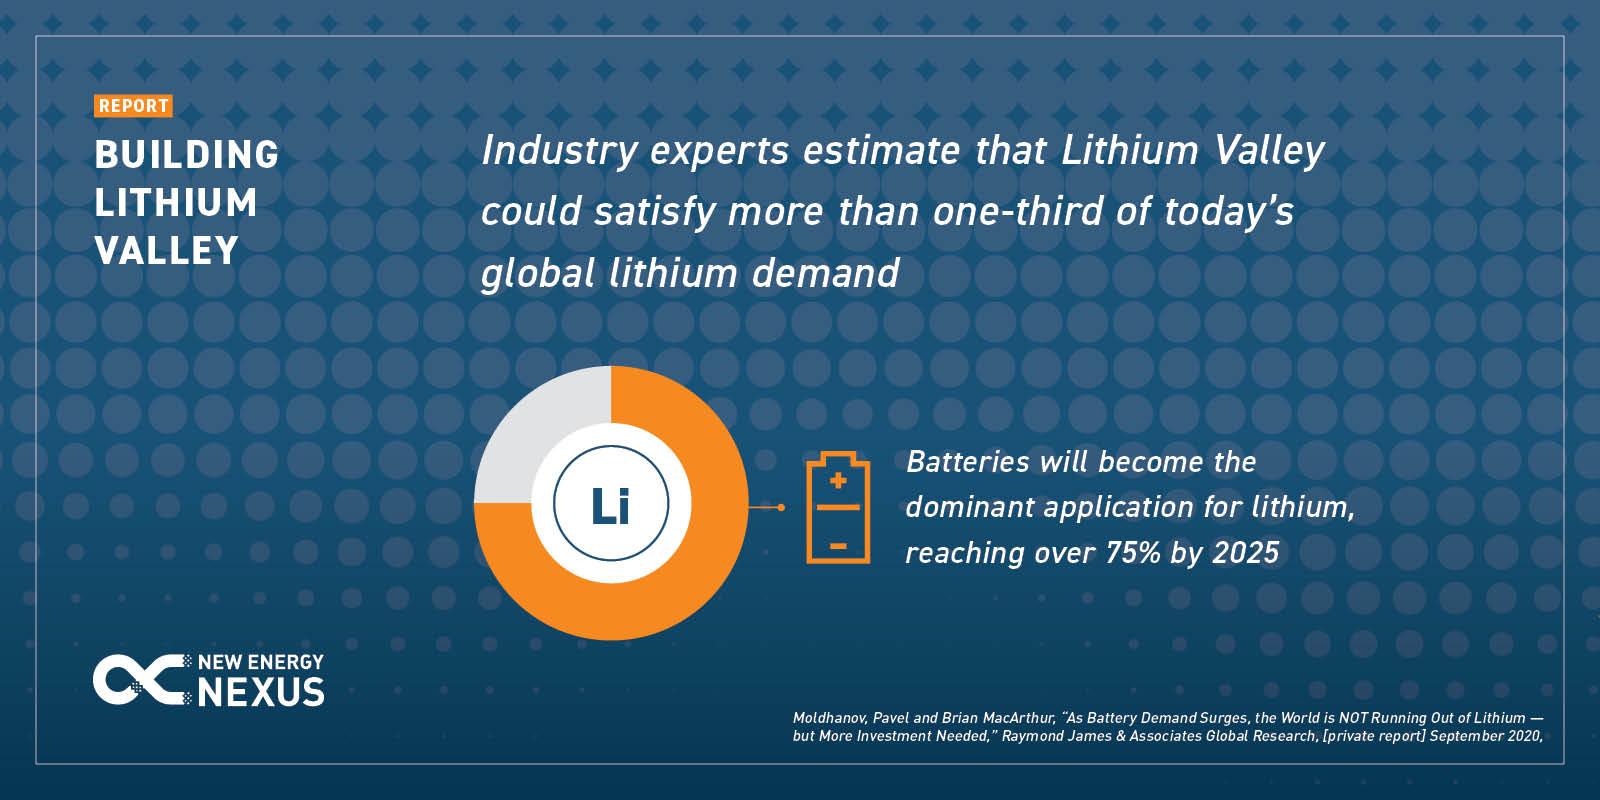 Nen Lithium Valley Sm Li Demand